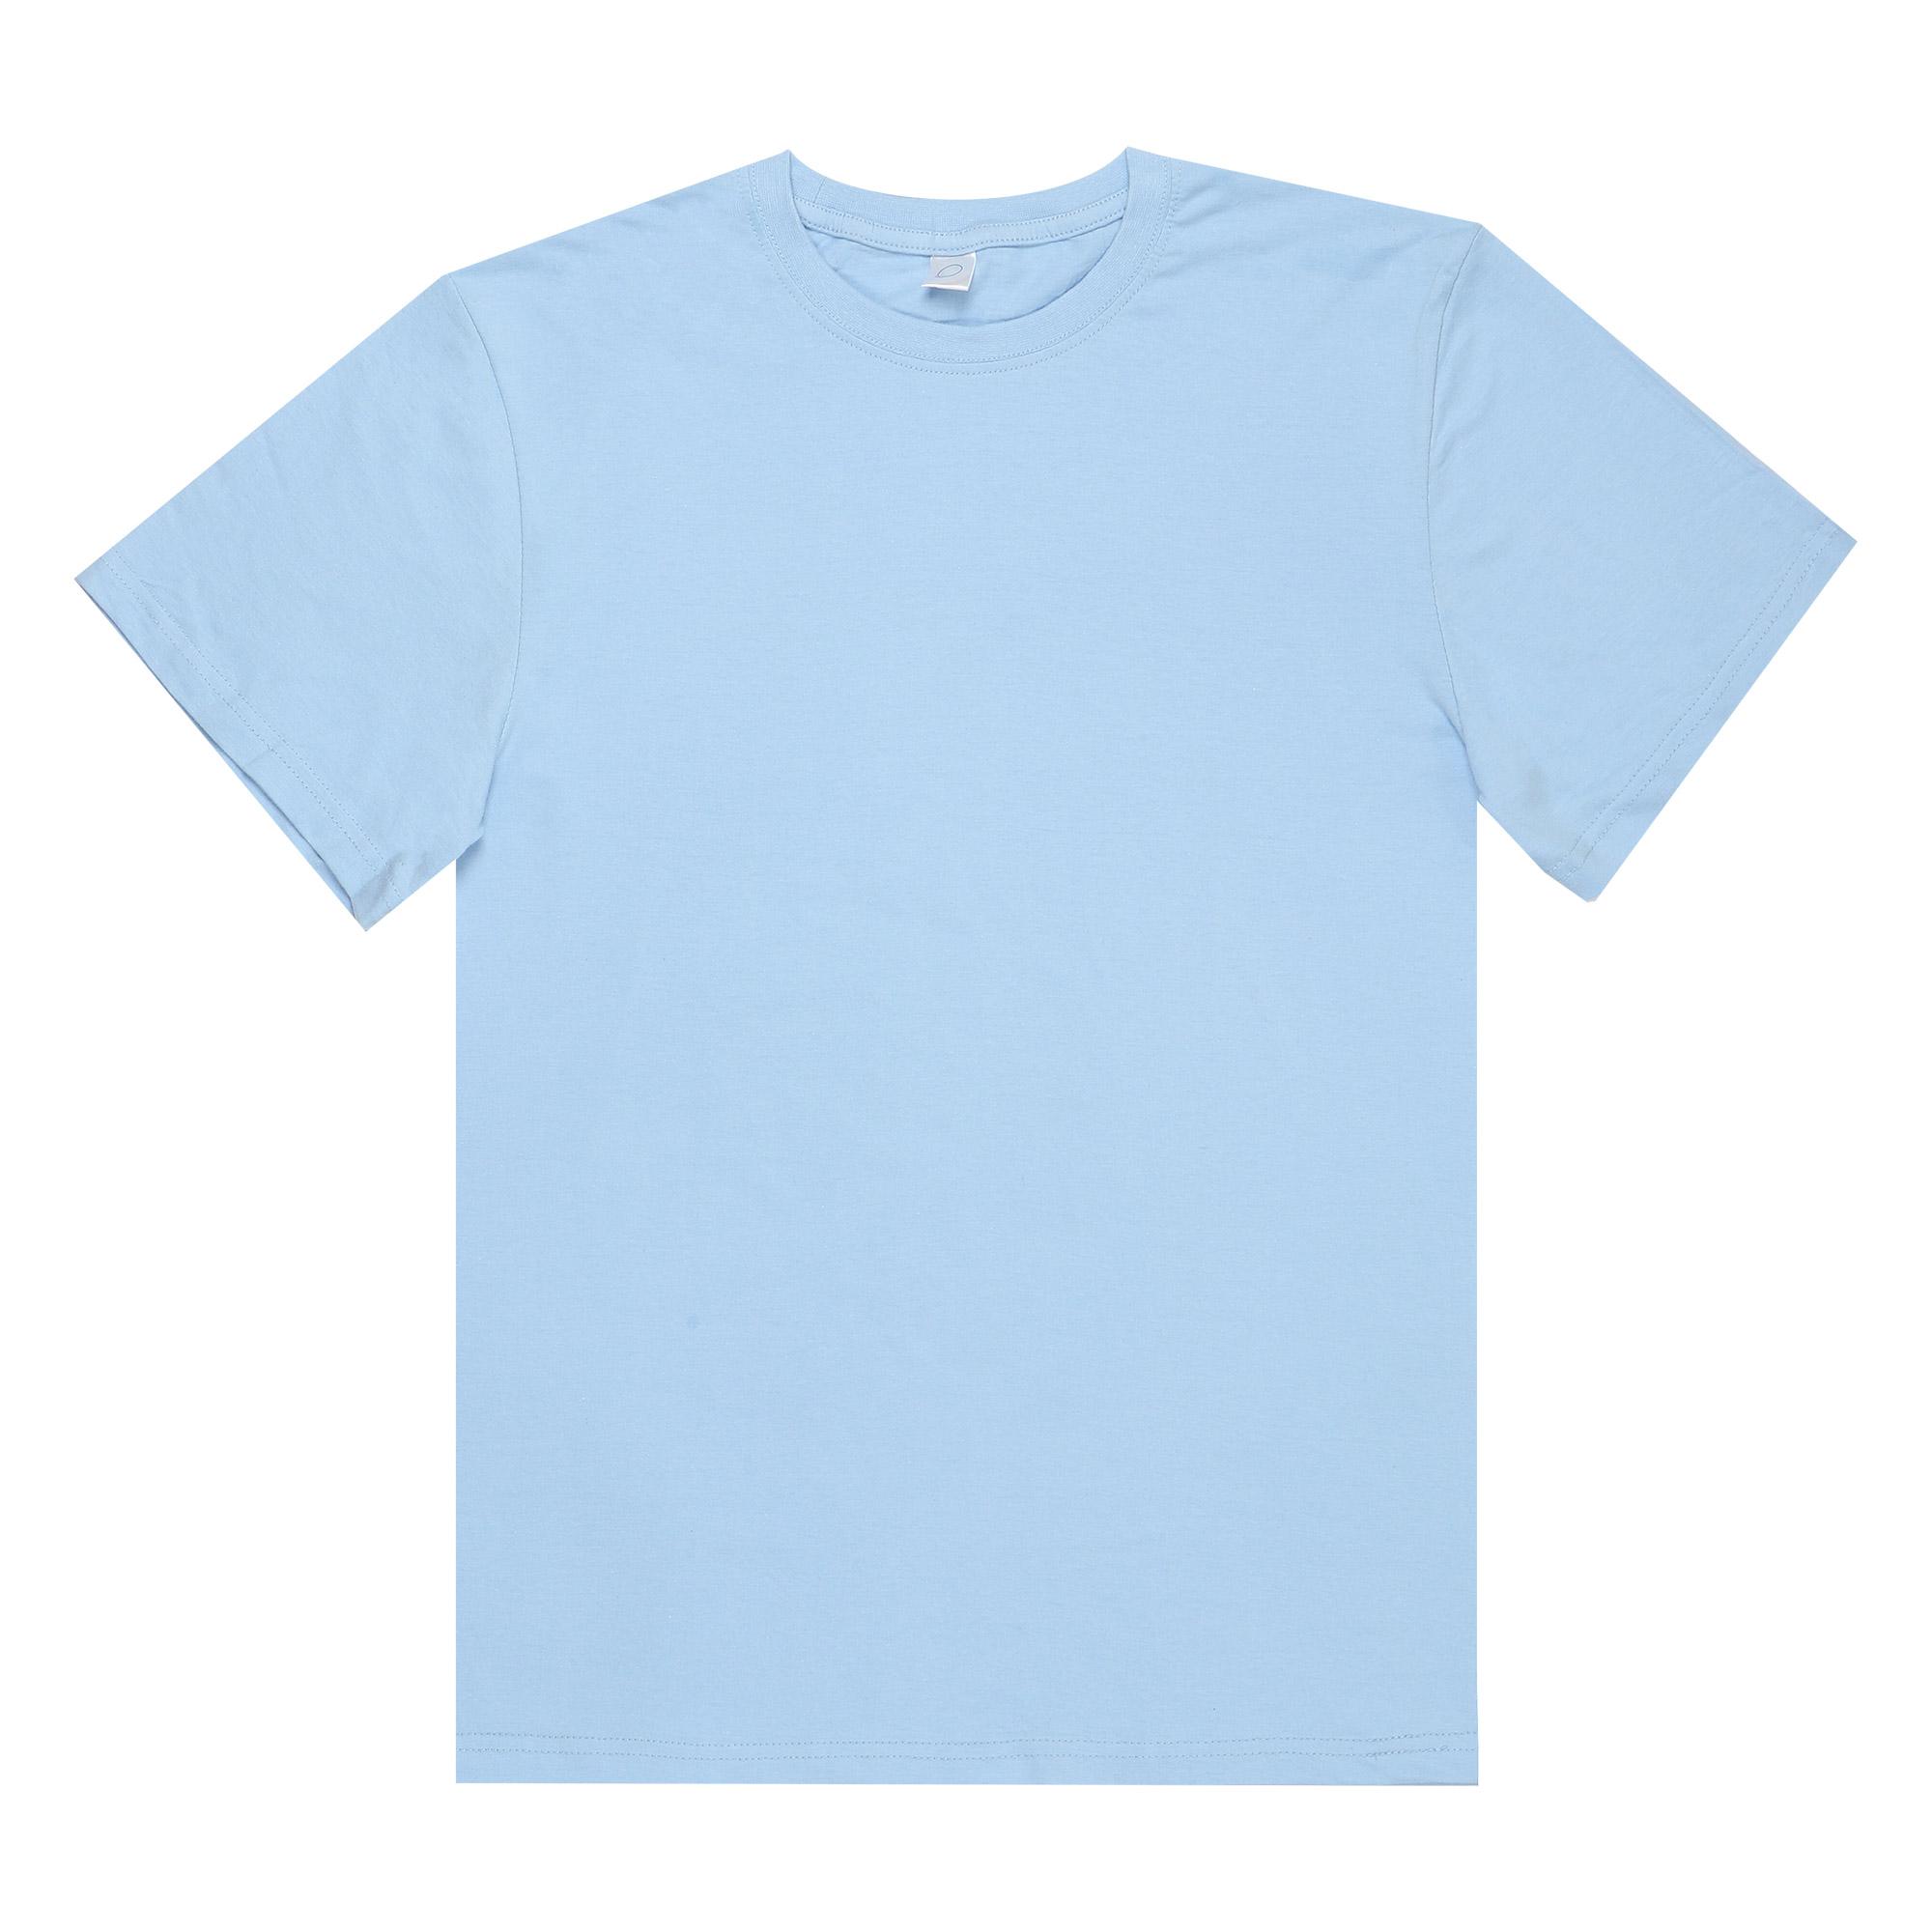 Футболка мужская M-1 Promo голубая с коротким рукавом M